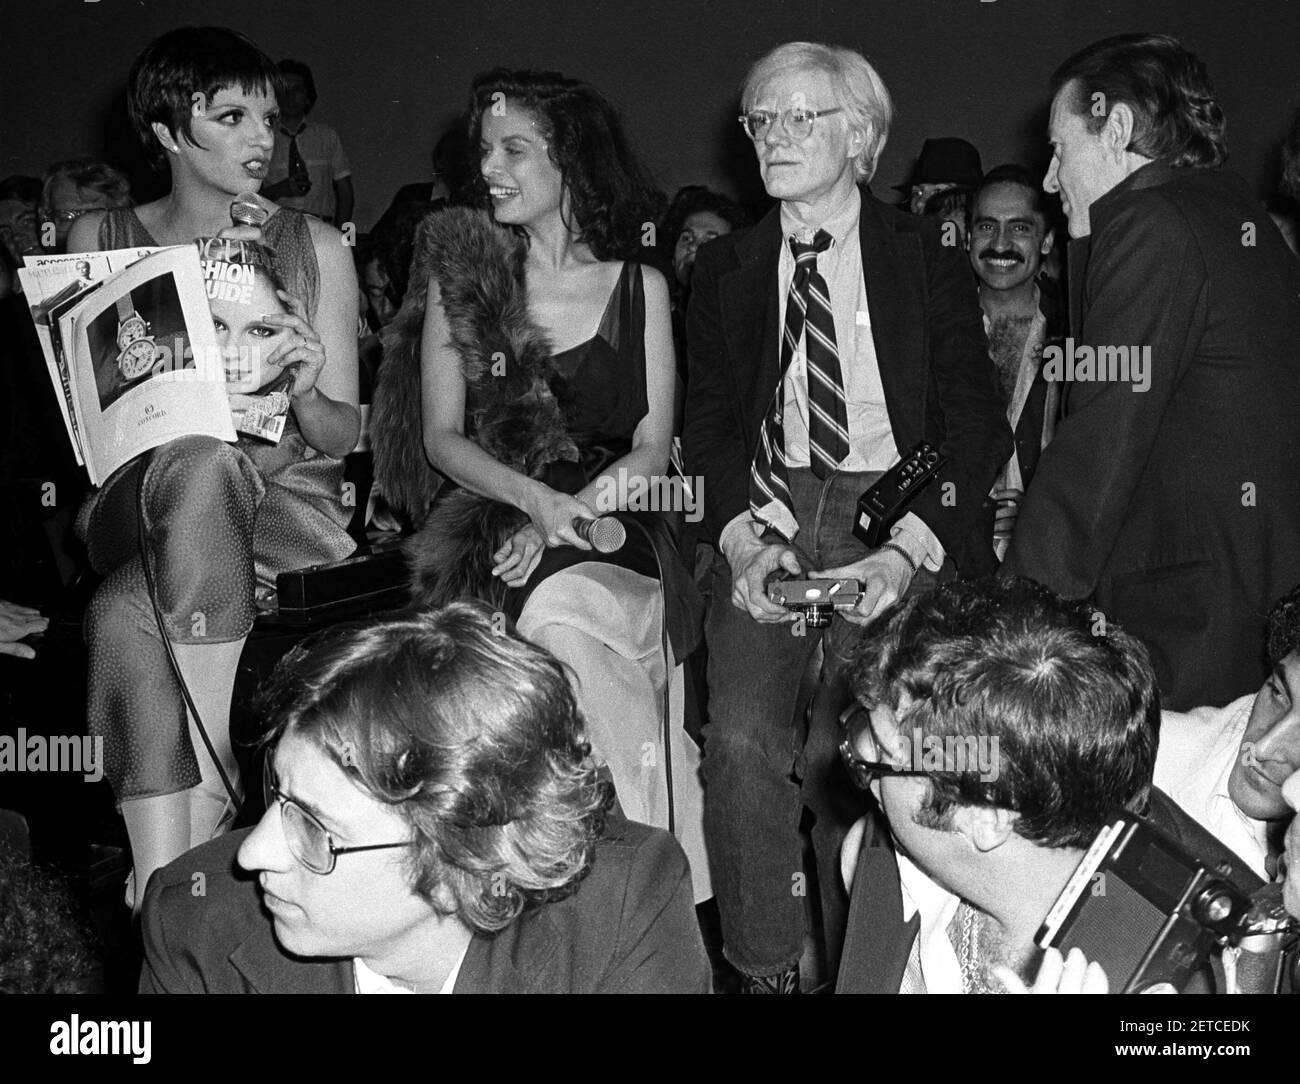 Liza Minnelli, Bianca Jagger, Andy Warhol, Halston Polaroid Night ...